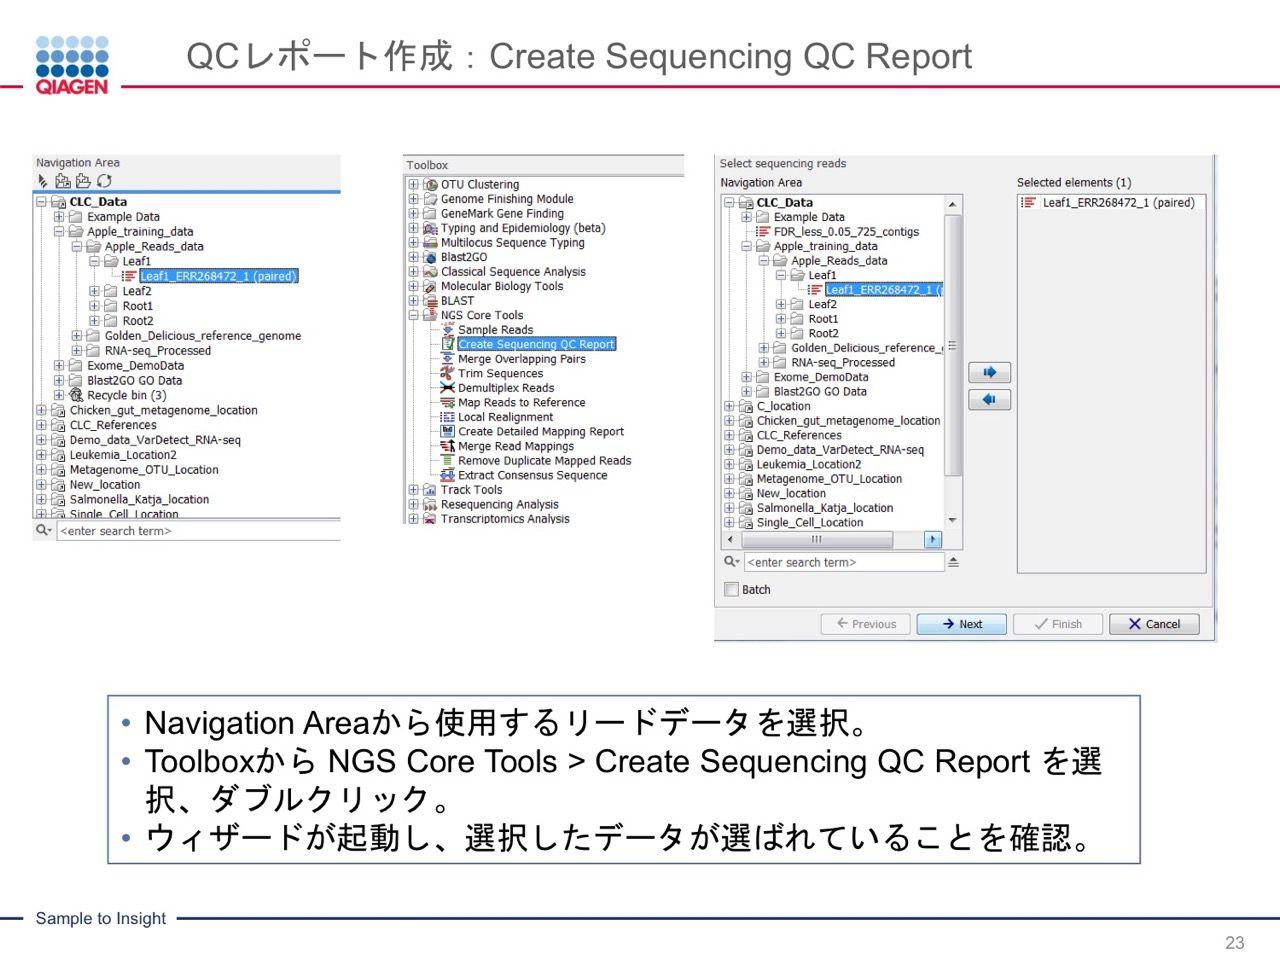 images/AJACSa2_miyamoto_023.jpg